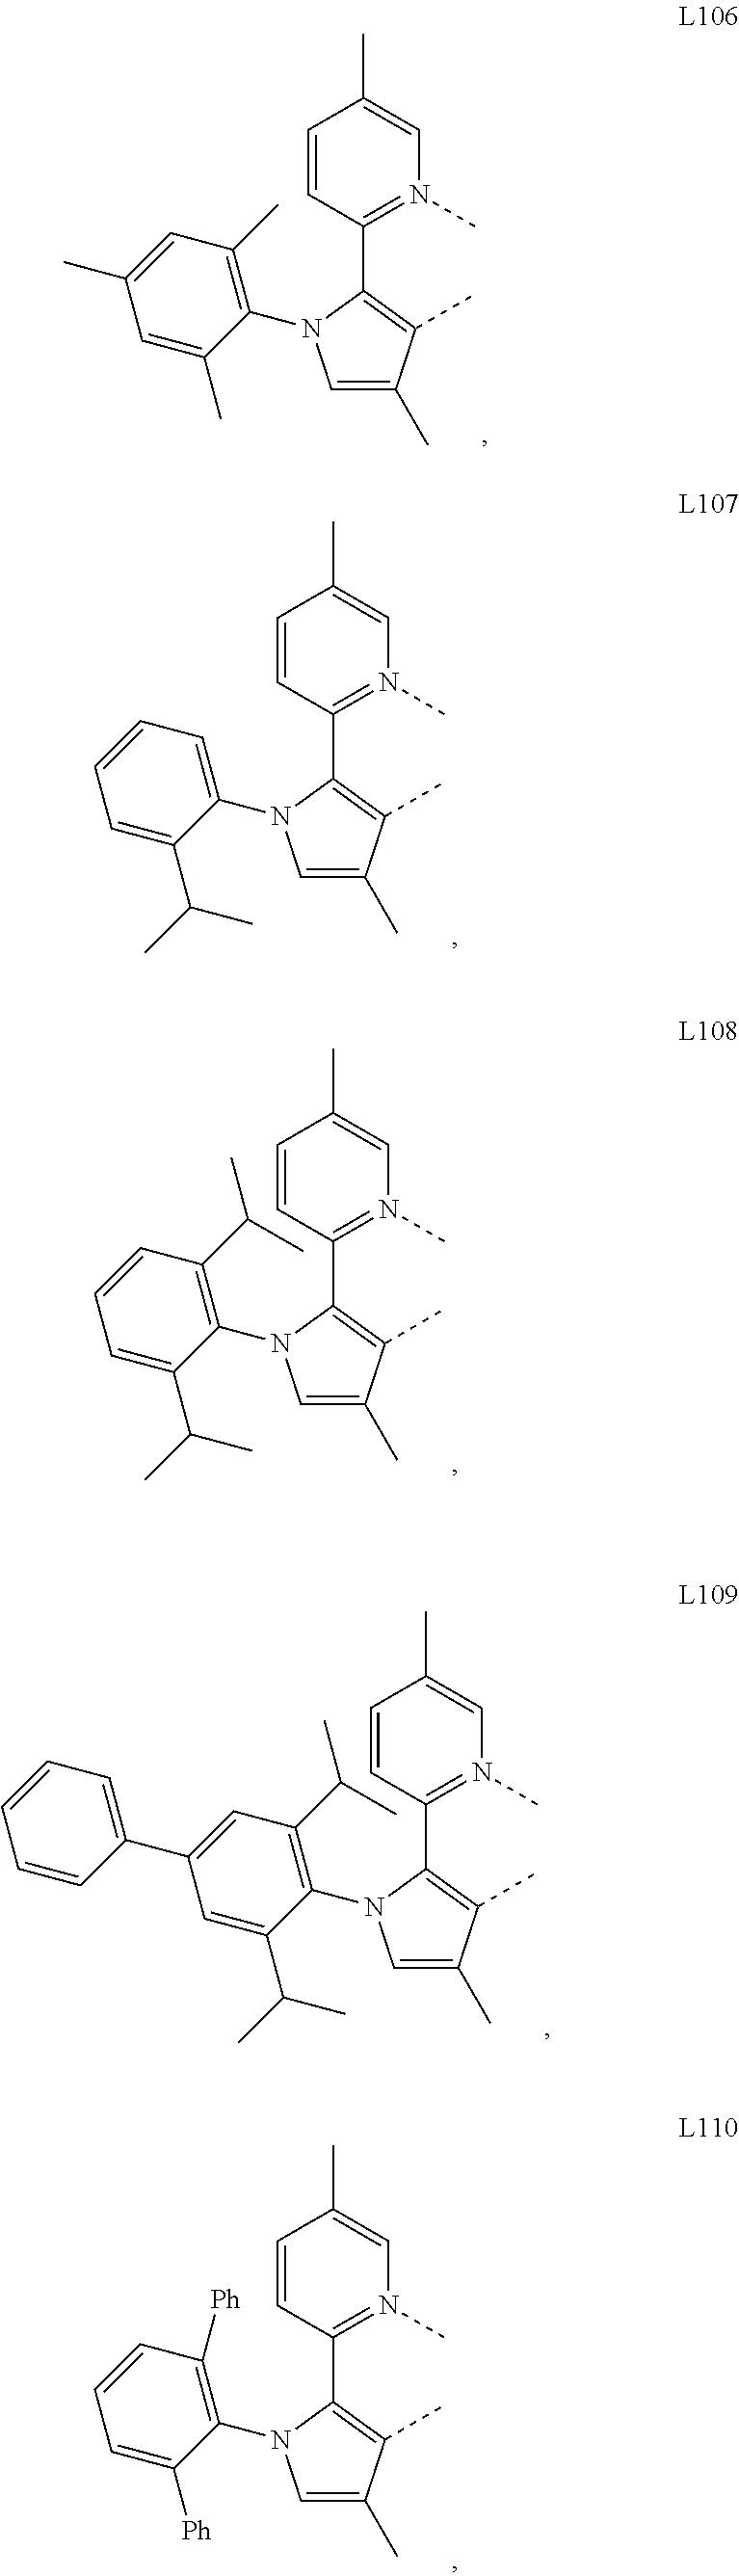 Figure US09935277-20180403-C00026